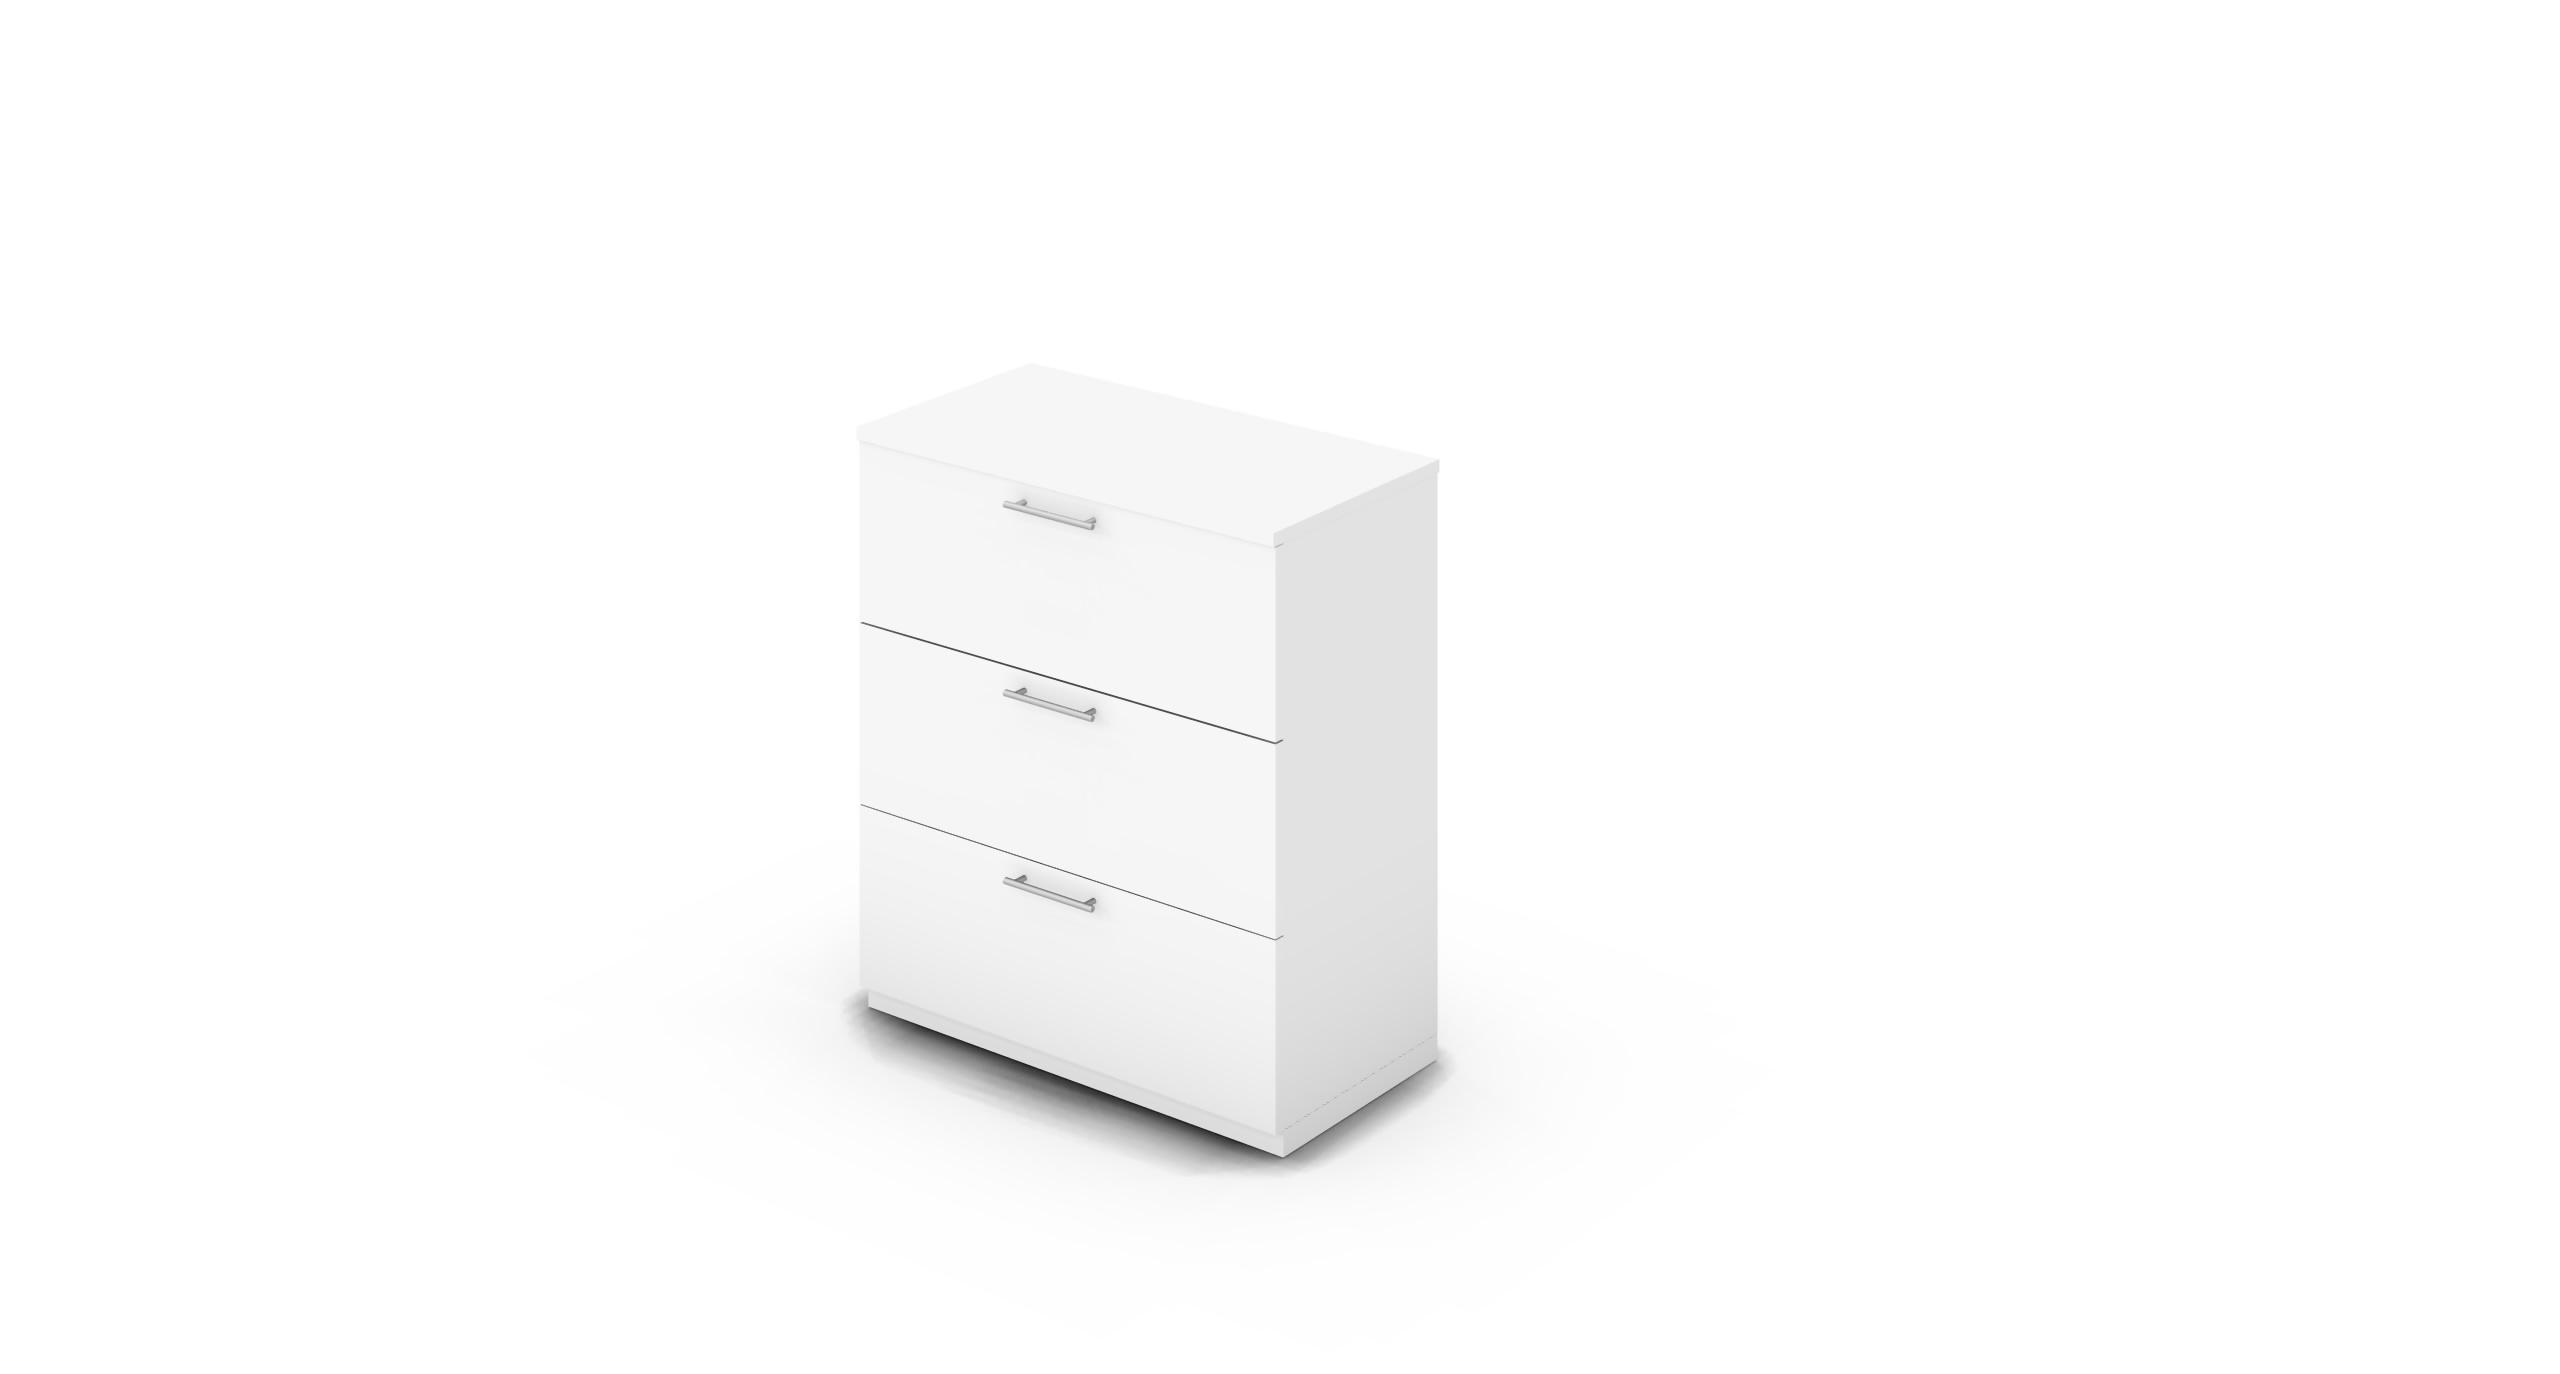 Cabinet_900x450x1125_DR_White_Bar_Round_NoCylinder